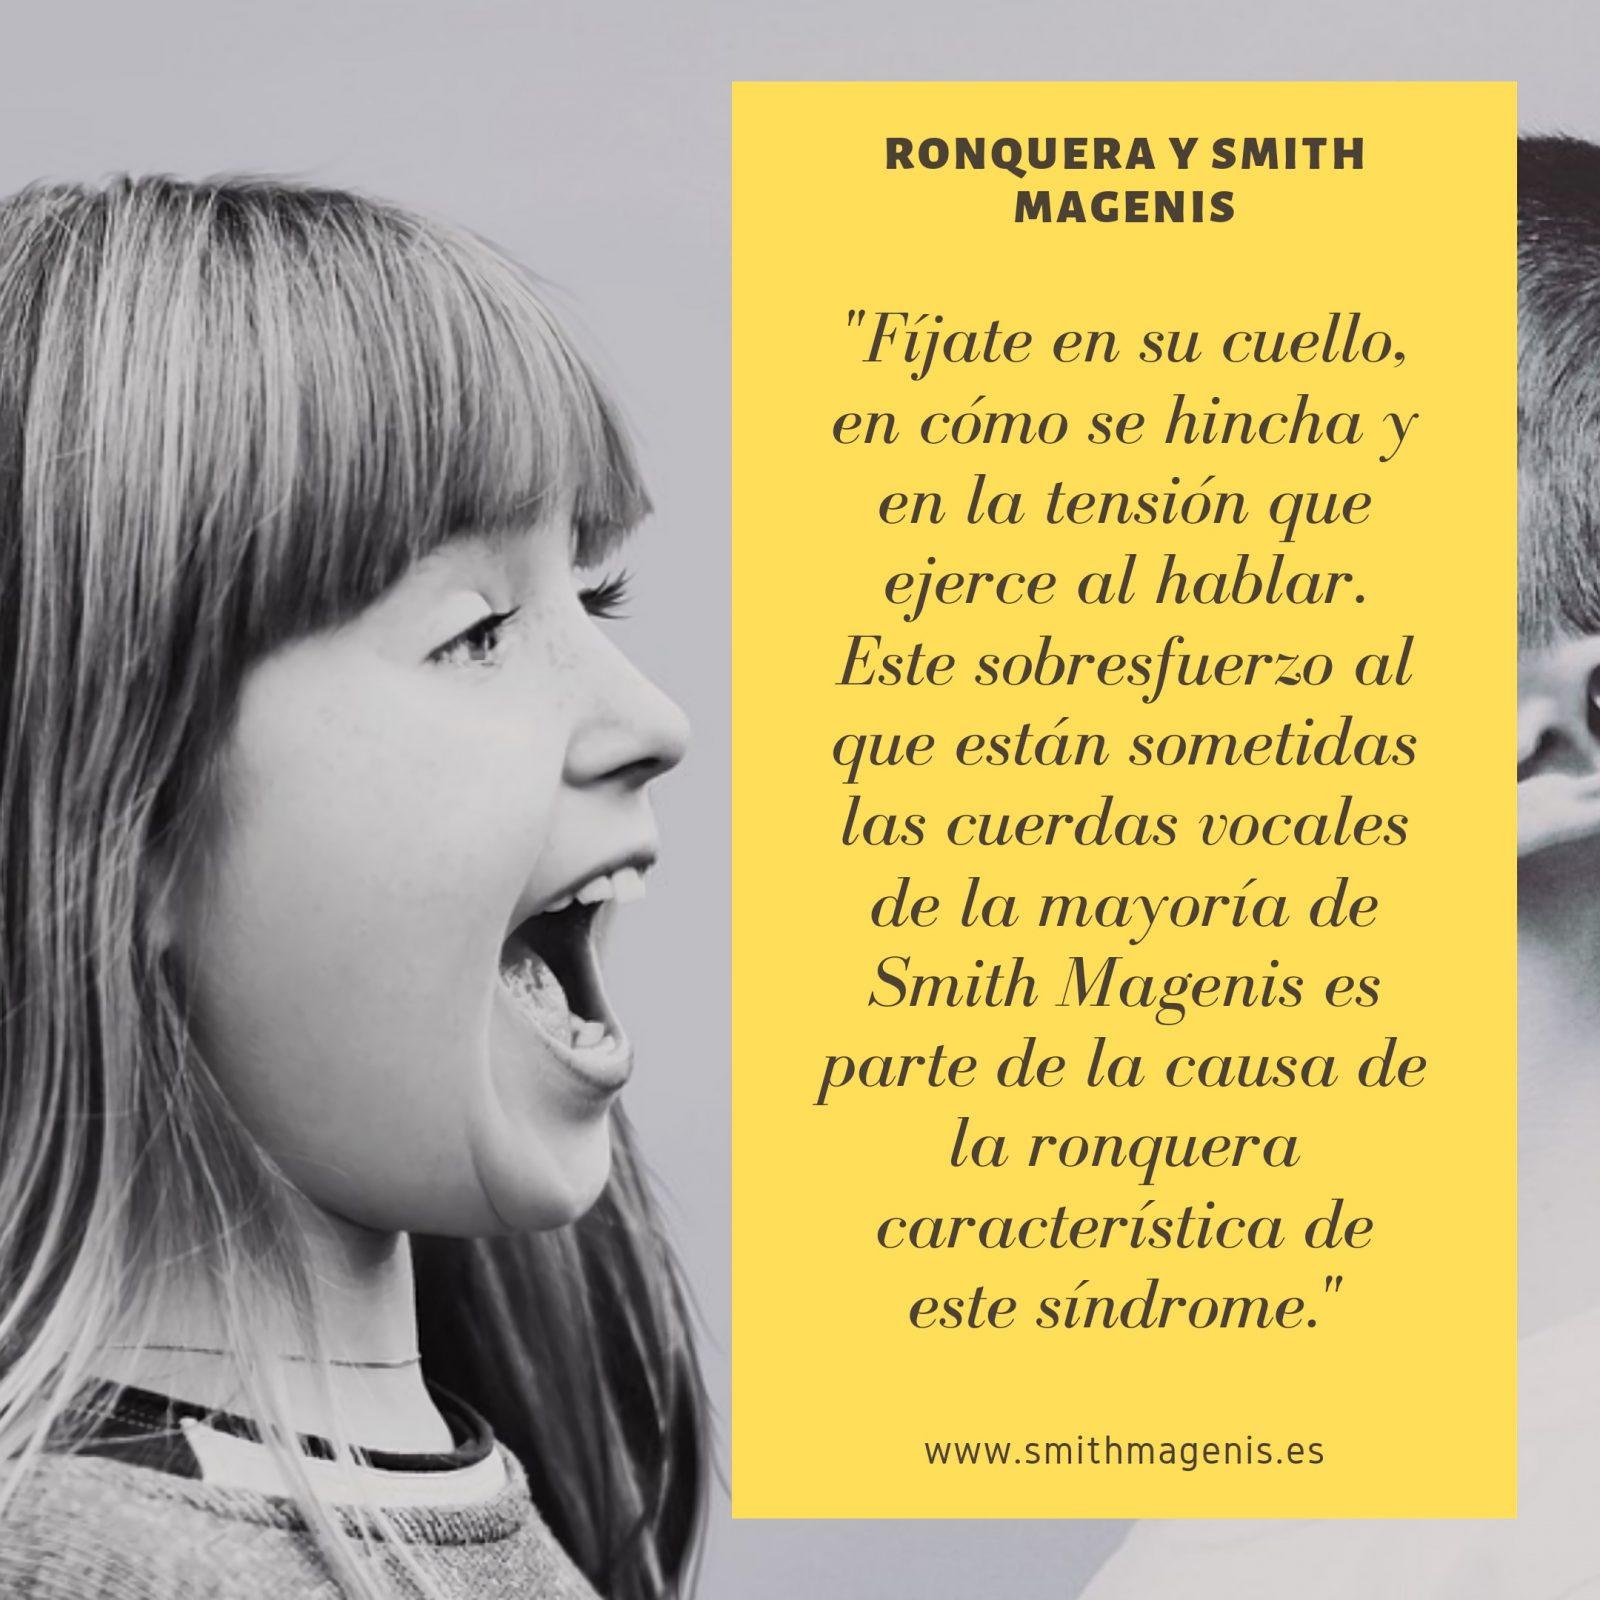 la voz ronca del Smith Magenis